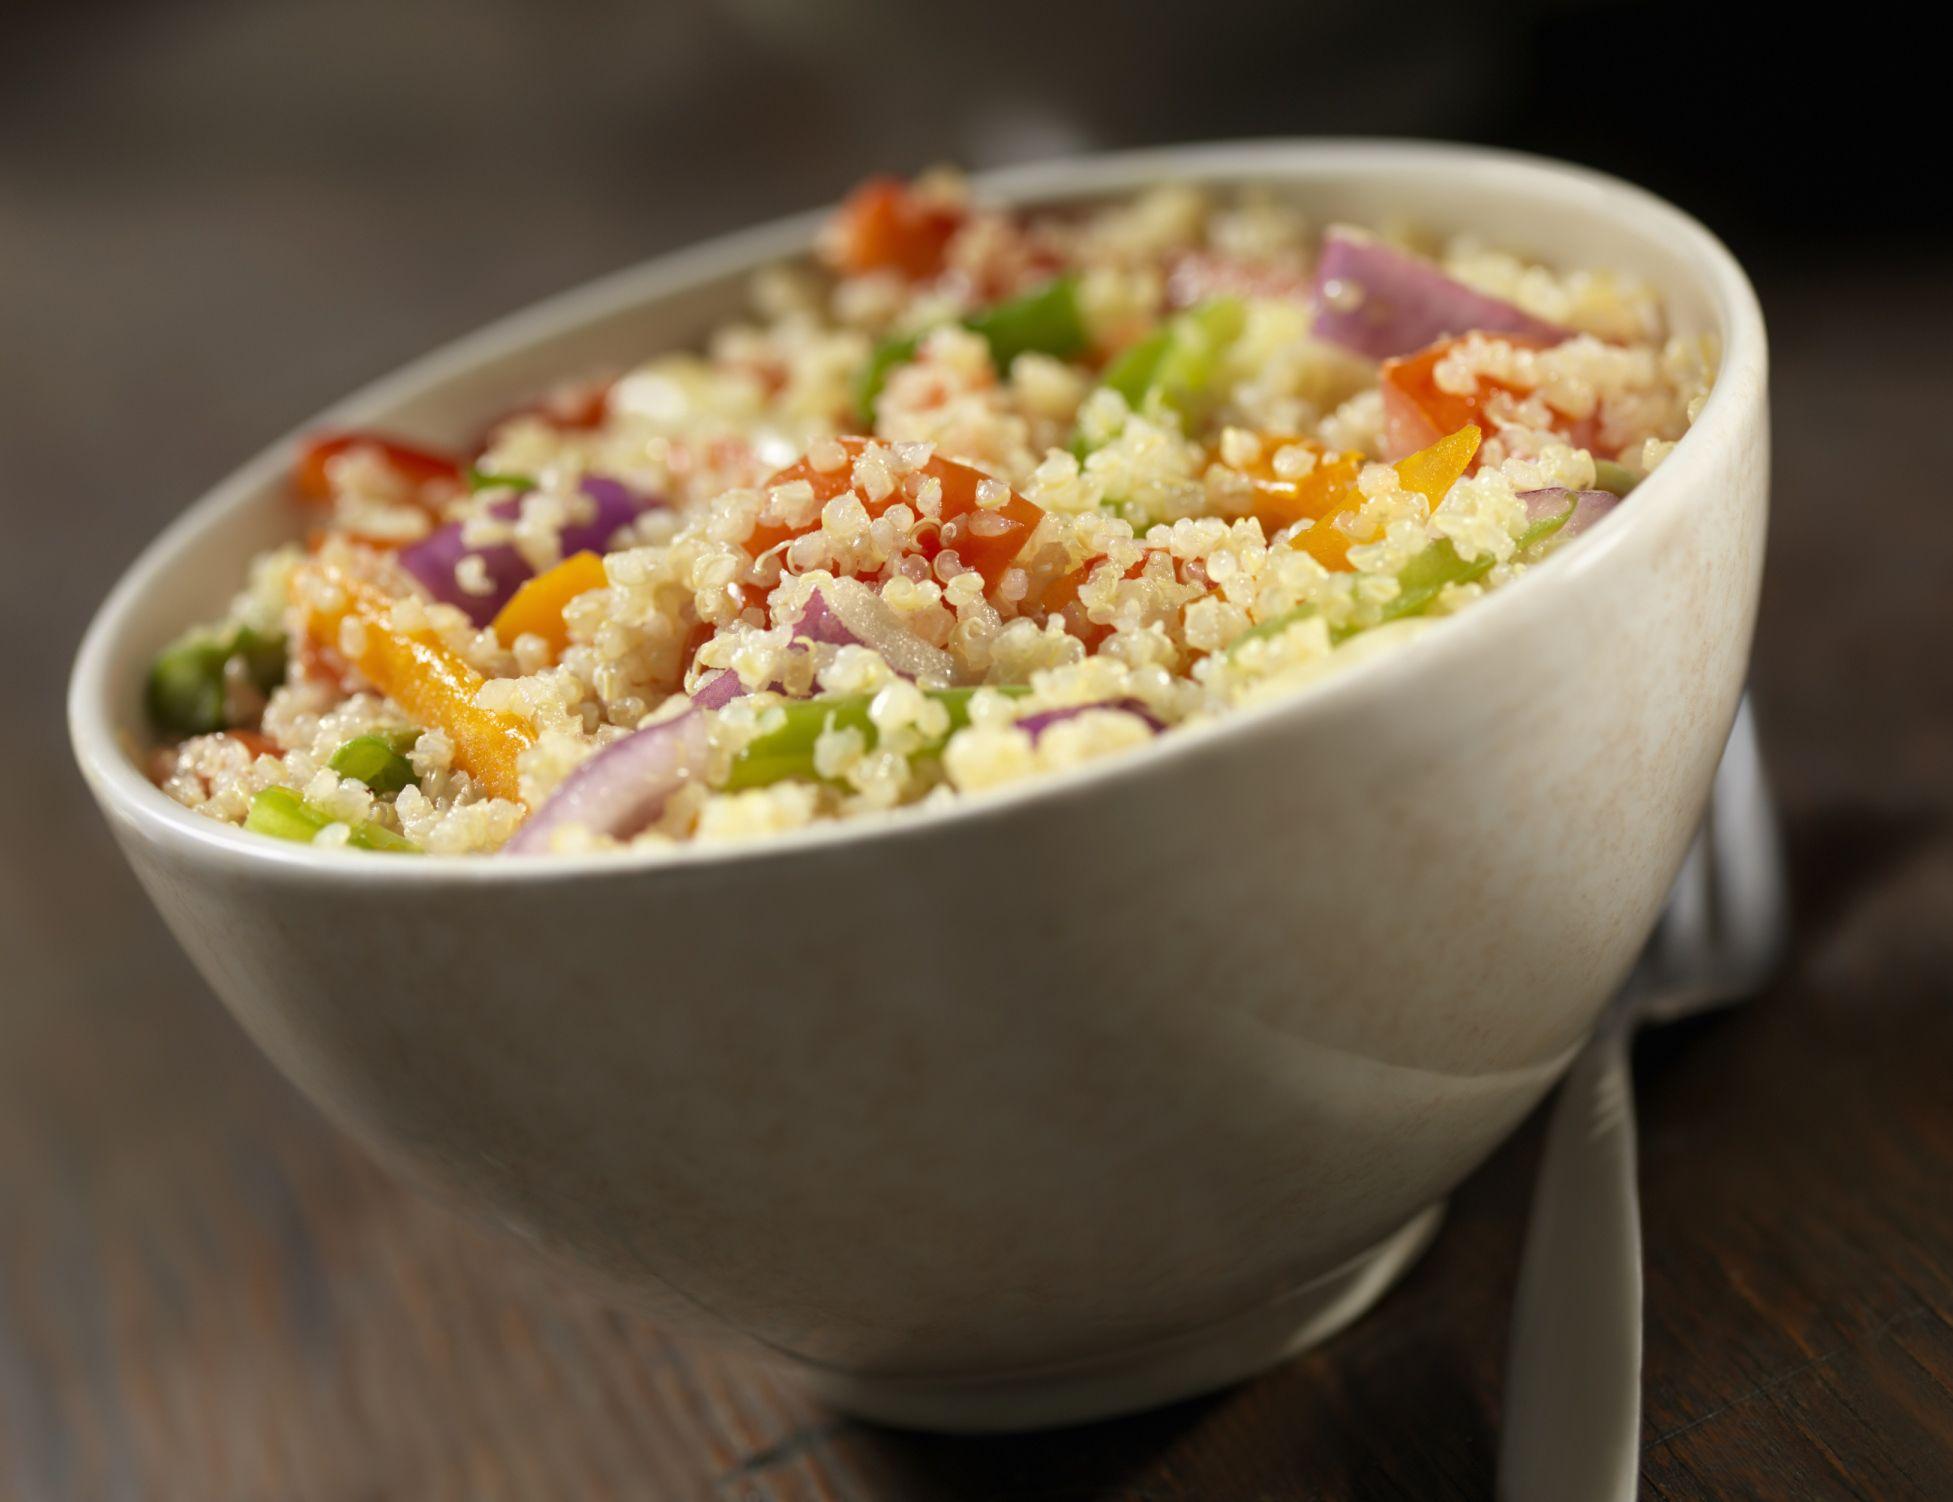 Basic And Easy Vegan Quinoa Salad Recipe (Gluten-Free